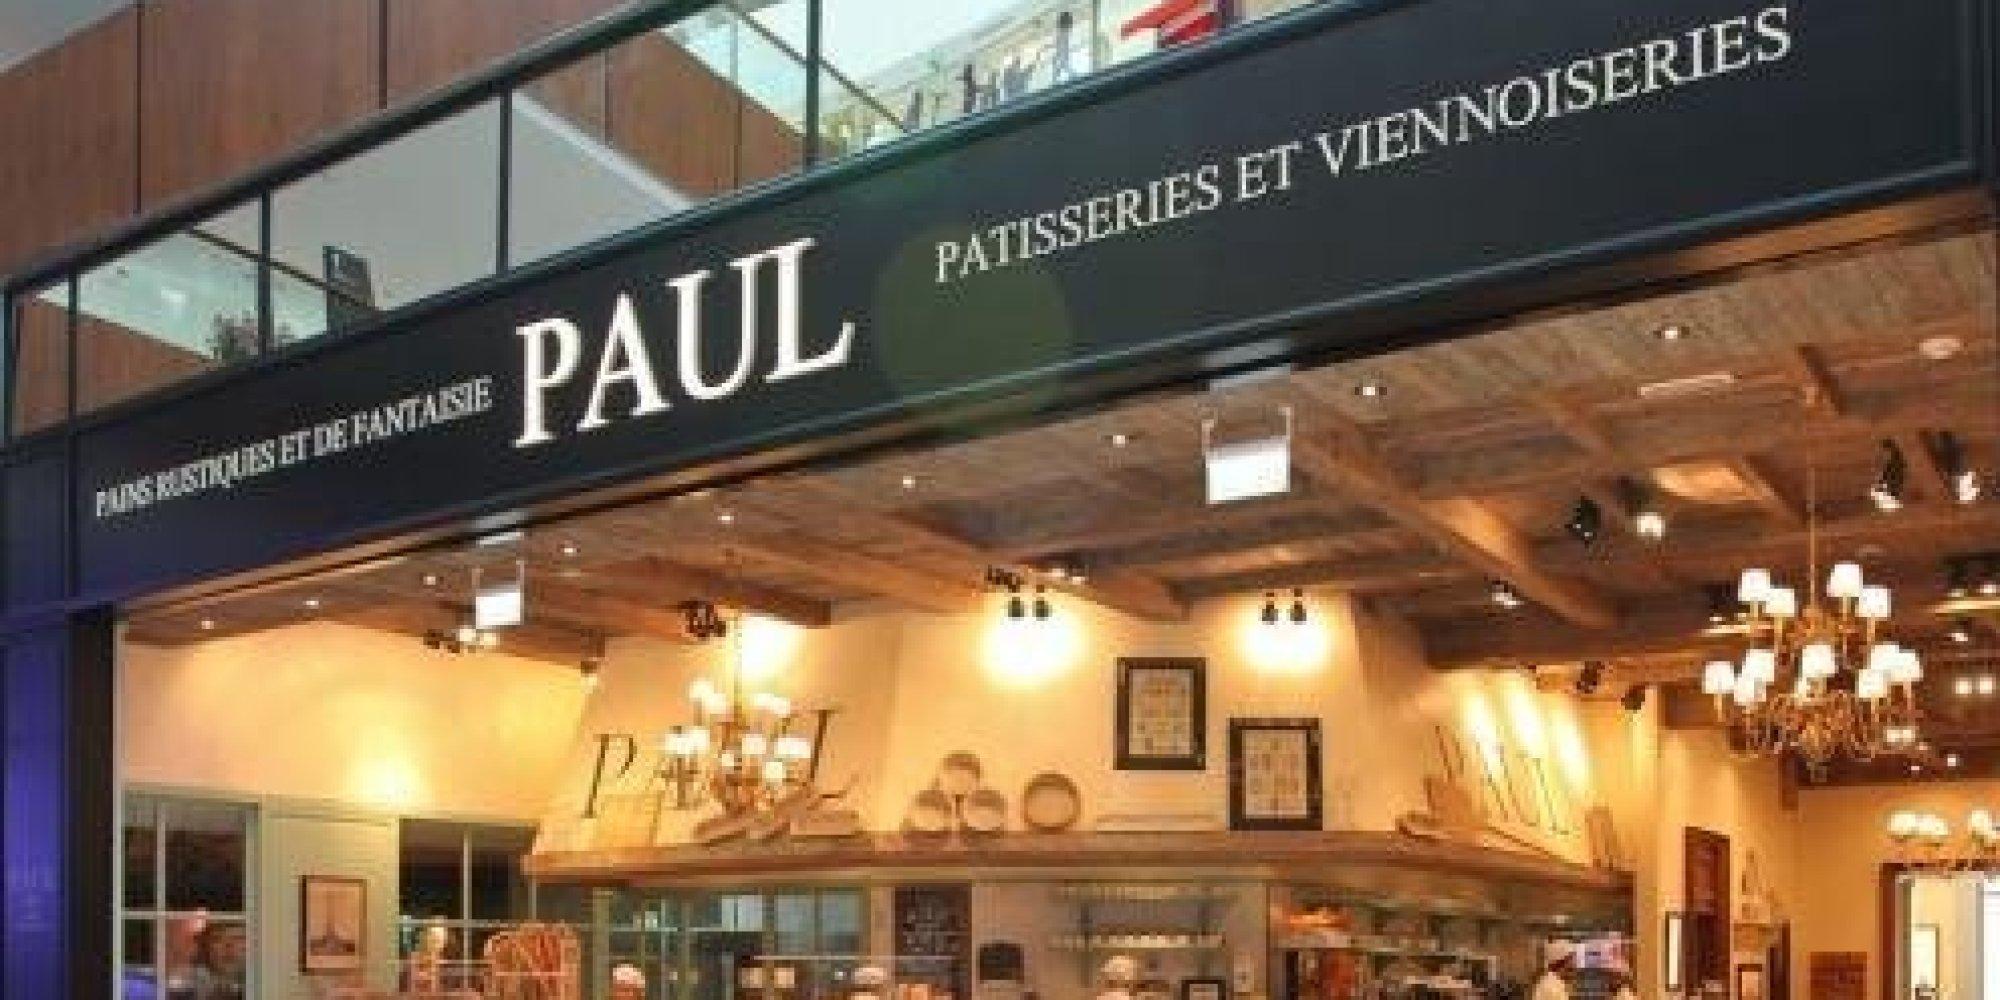 La direction de chez Paul à Casablanca s\u0027explique après la mort d\u0027un  serveur et l\u0027indignation des internautes